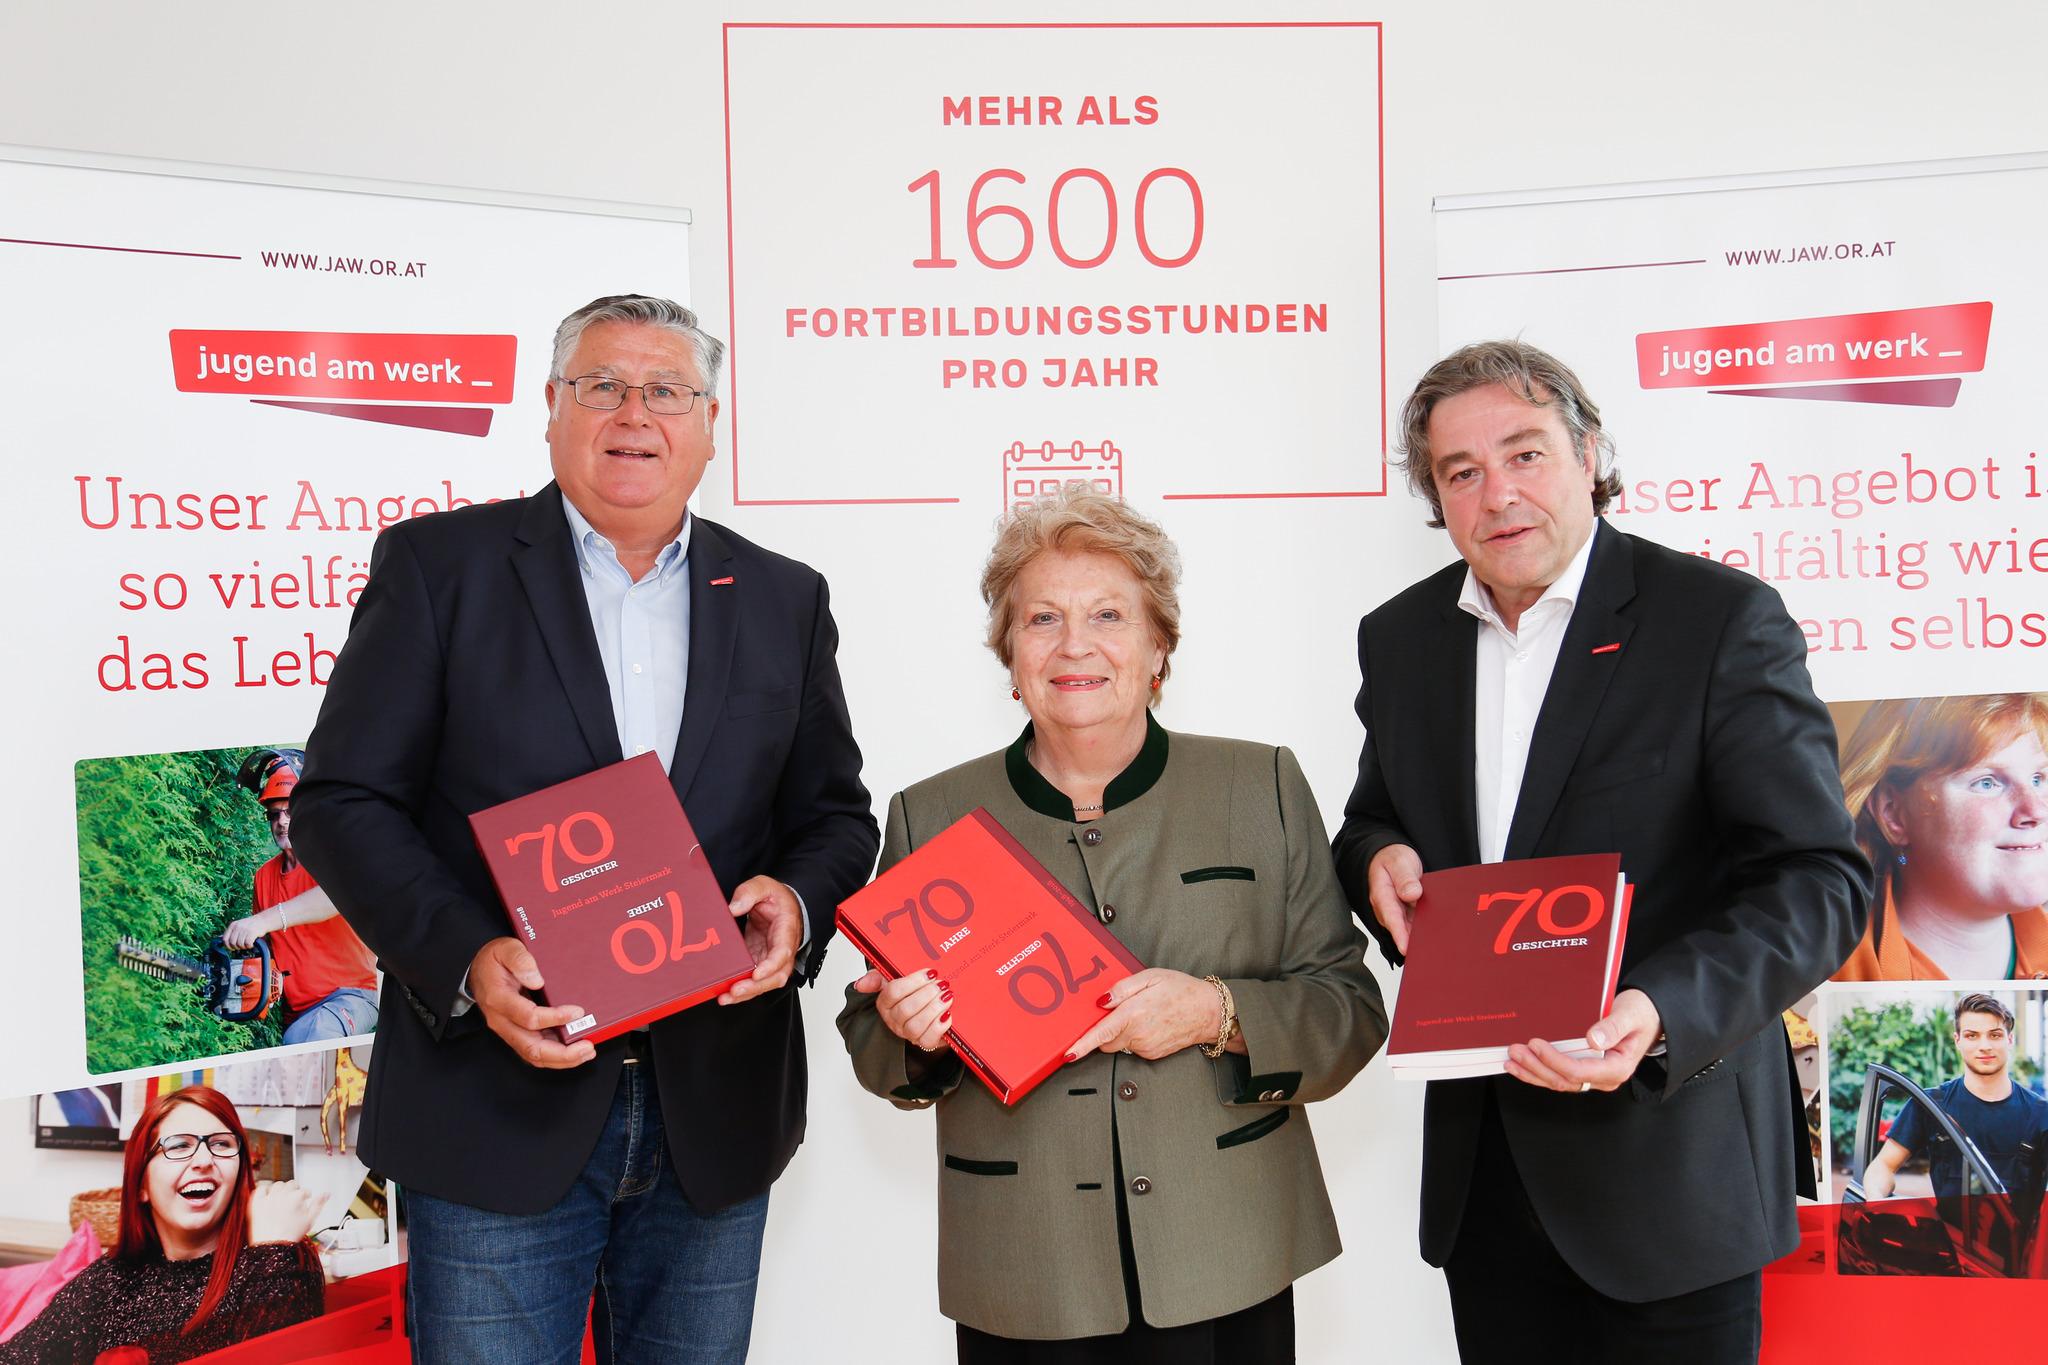 Aktuelle Jugend Am Werk Jobs Bei Firmen wie Jugend am Werk Salzburg GmbH, Jugend am Werk Steiermark GmbH, Donau Chemie Aktiengesellschaft Mehr als 10 unterschiedliche Angebote von 3 Portalen vergleichen..